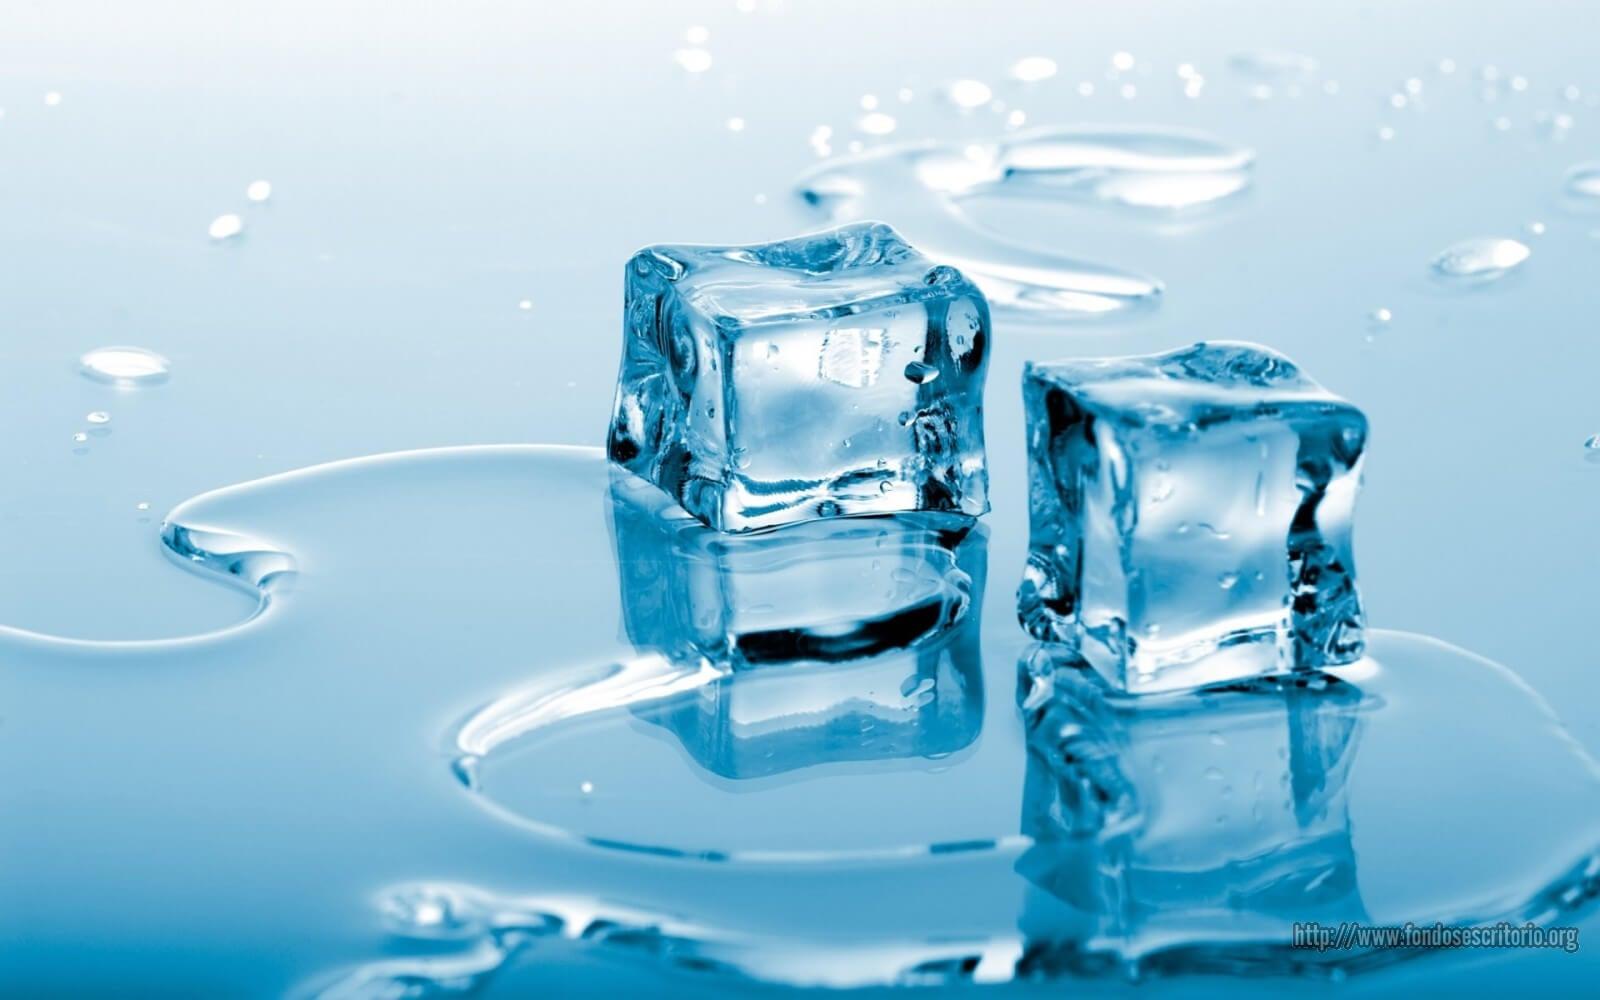 πάγος έναι ακόμα από τα φυσικά αποσυμφορητικά